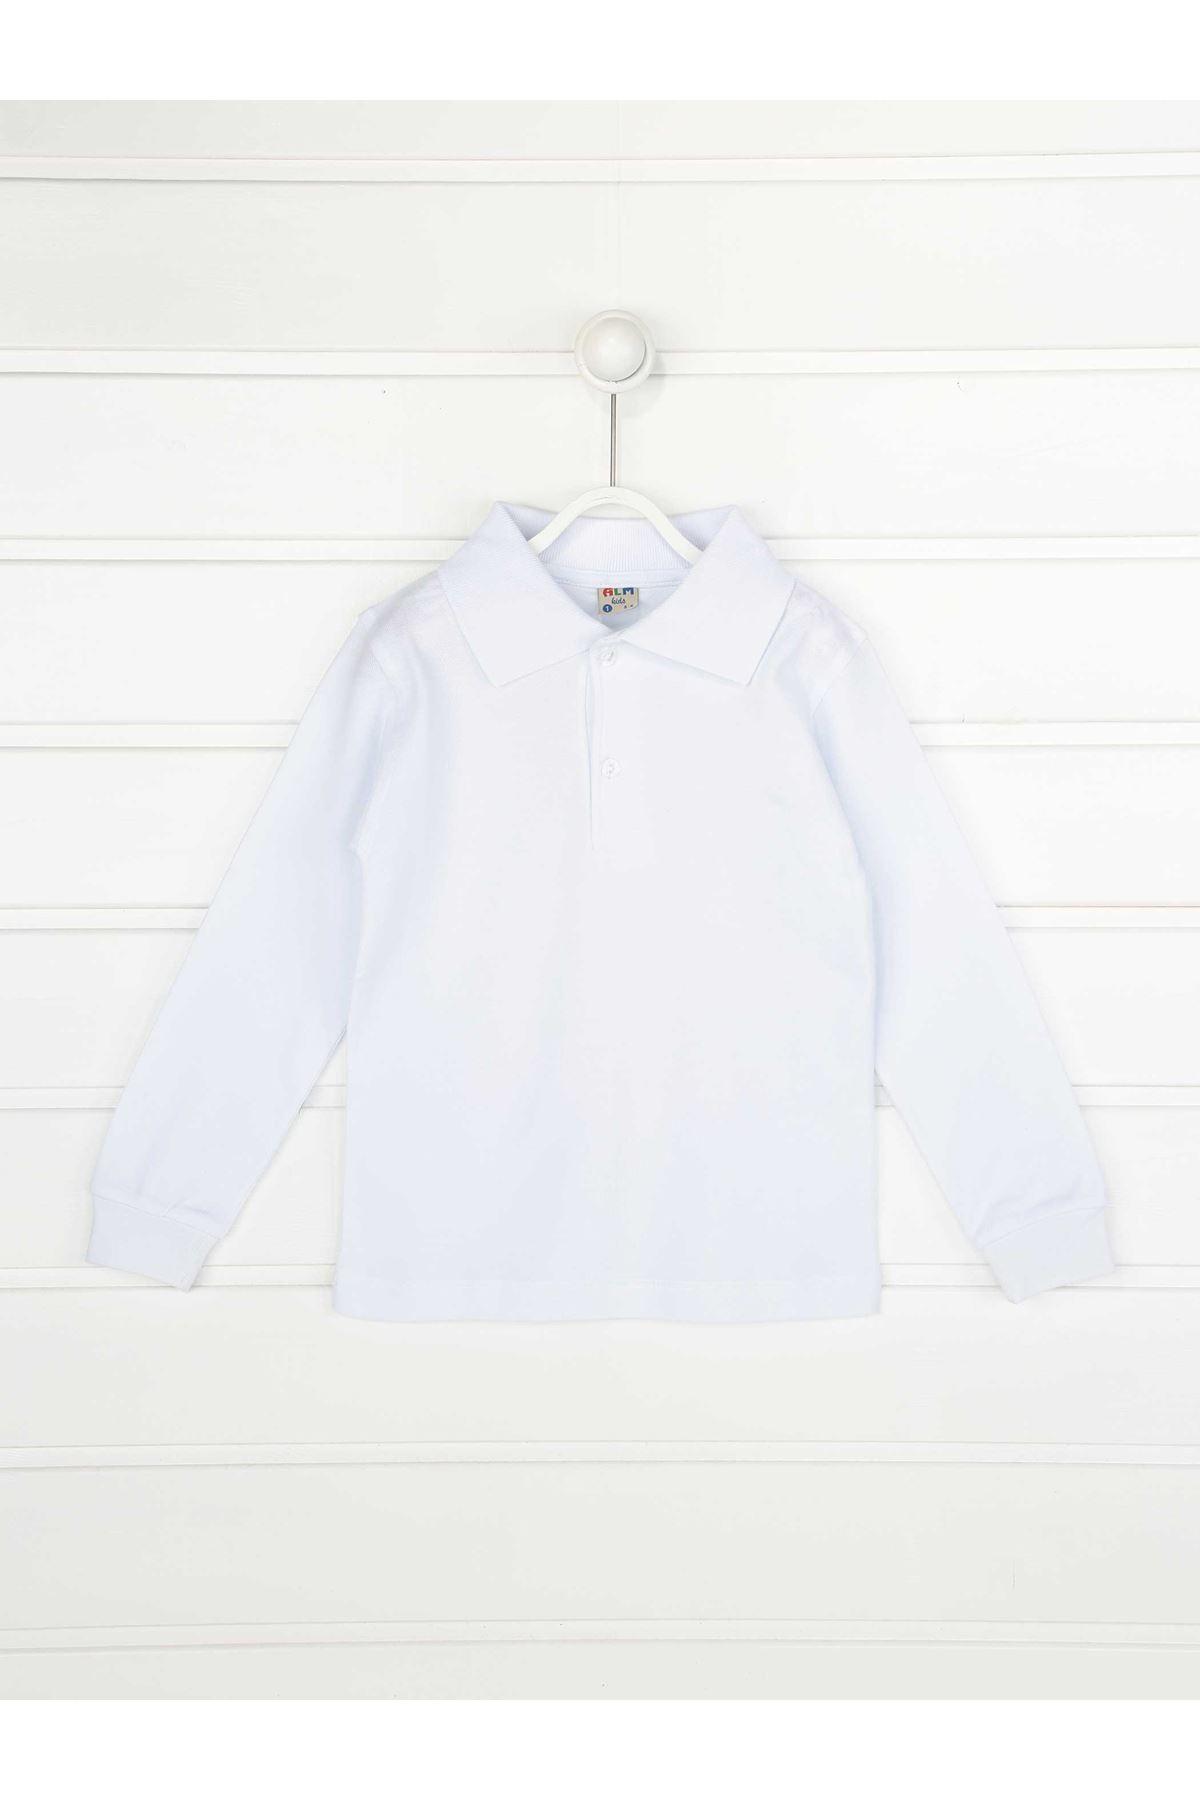 Beyaz Polo Yaka Pamuklu Çocuk Basic Tişört